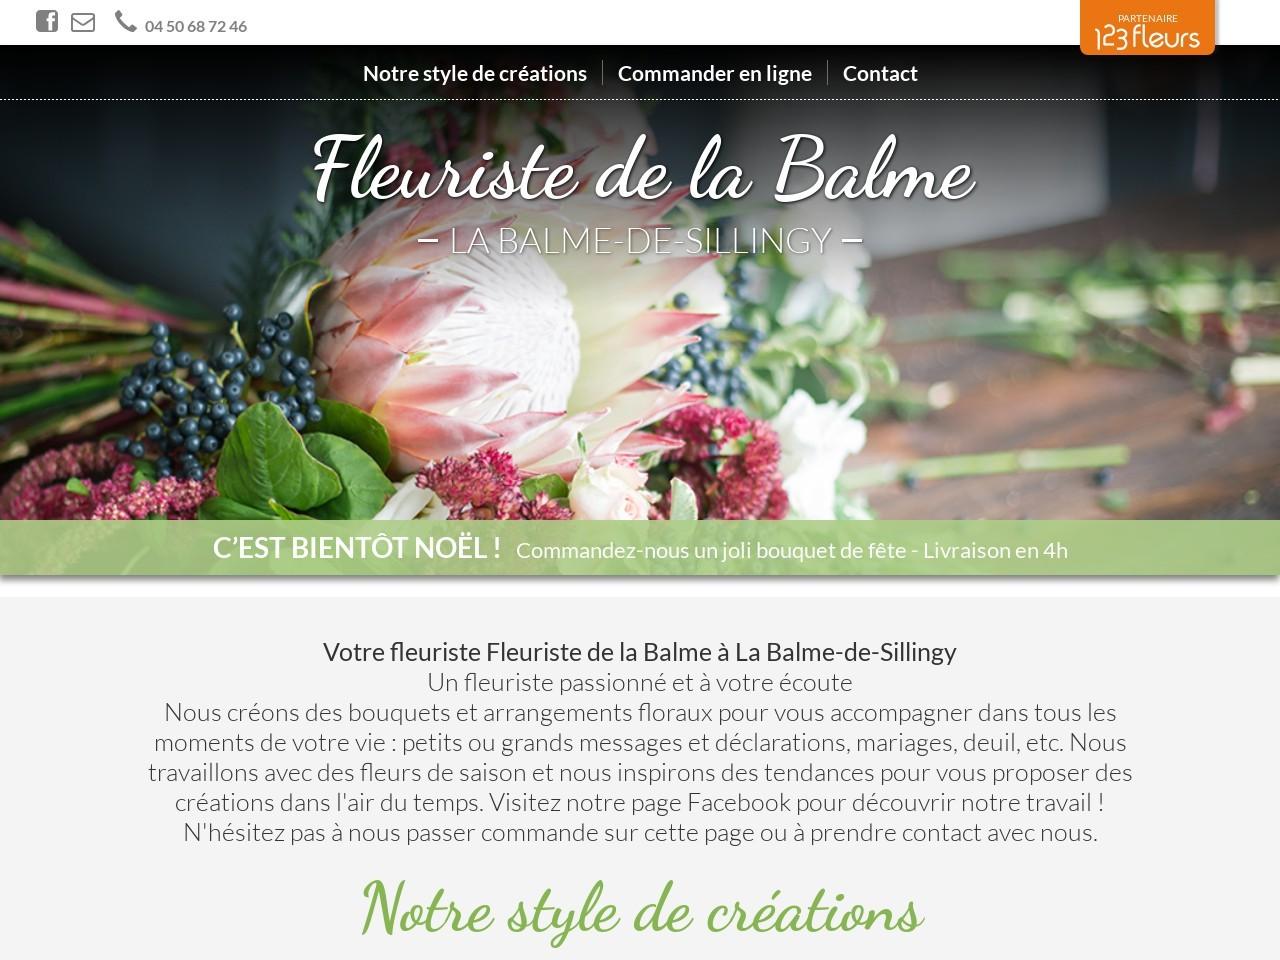 Site fleuriste Fleuriste de la la Balme - 123fleurs